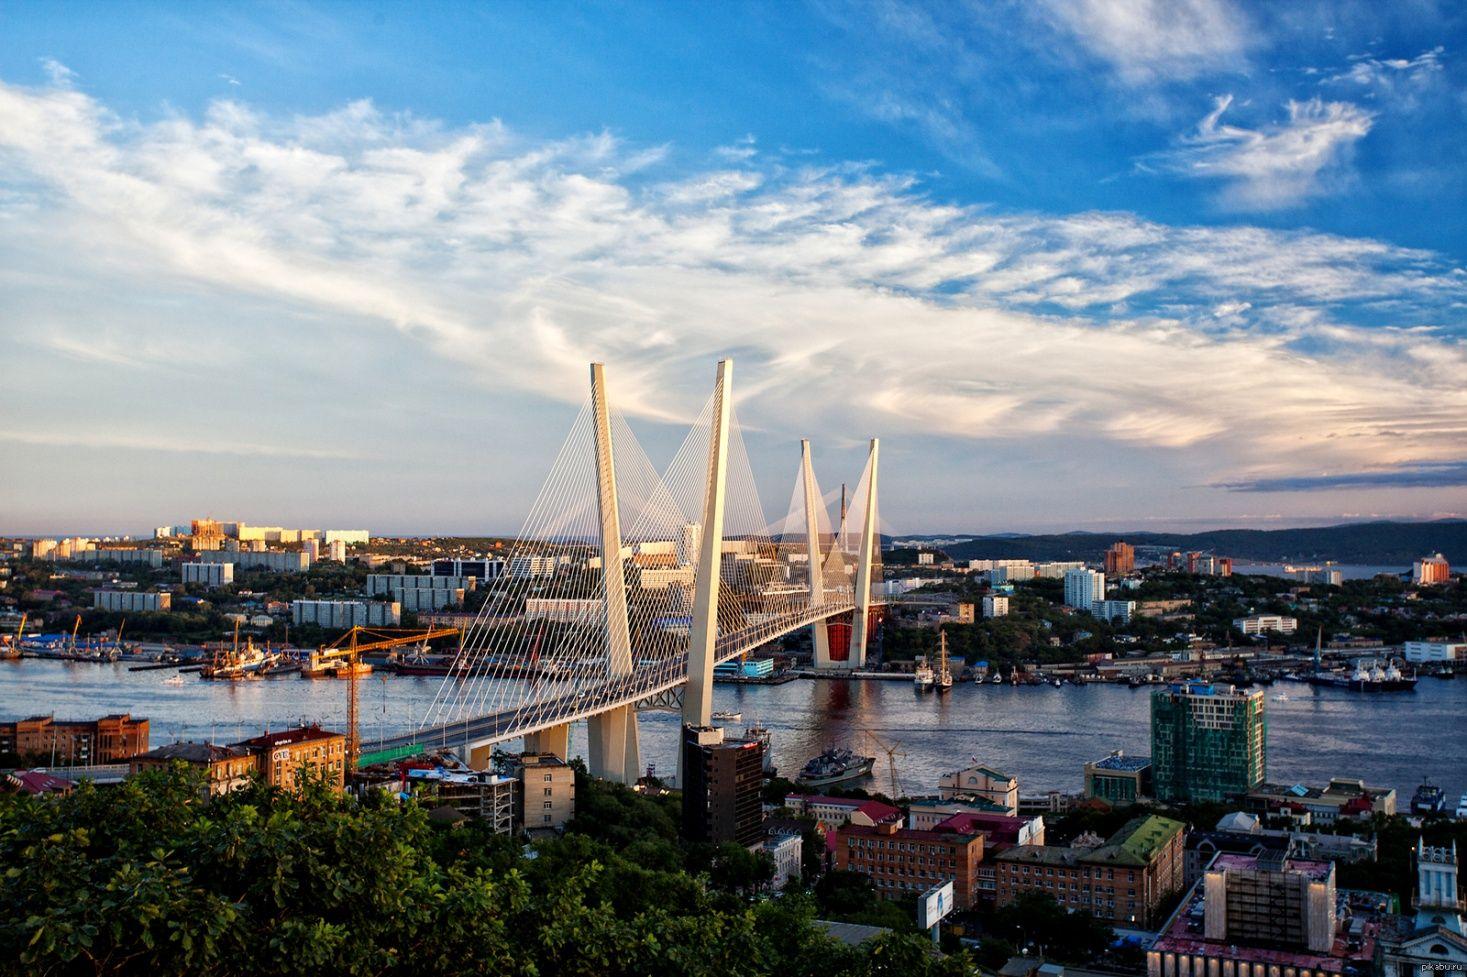 Доска бесплатных объявлений в #Владивосток. Здесь можно продать, купить или обменять